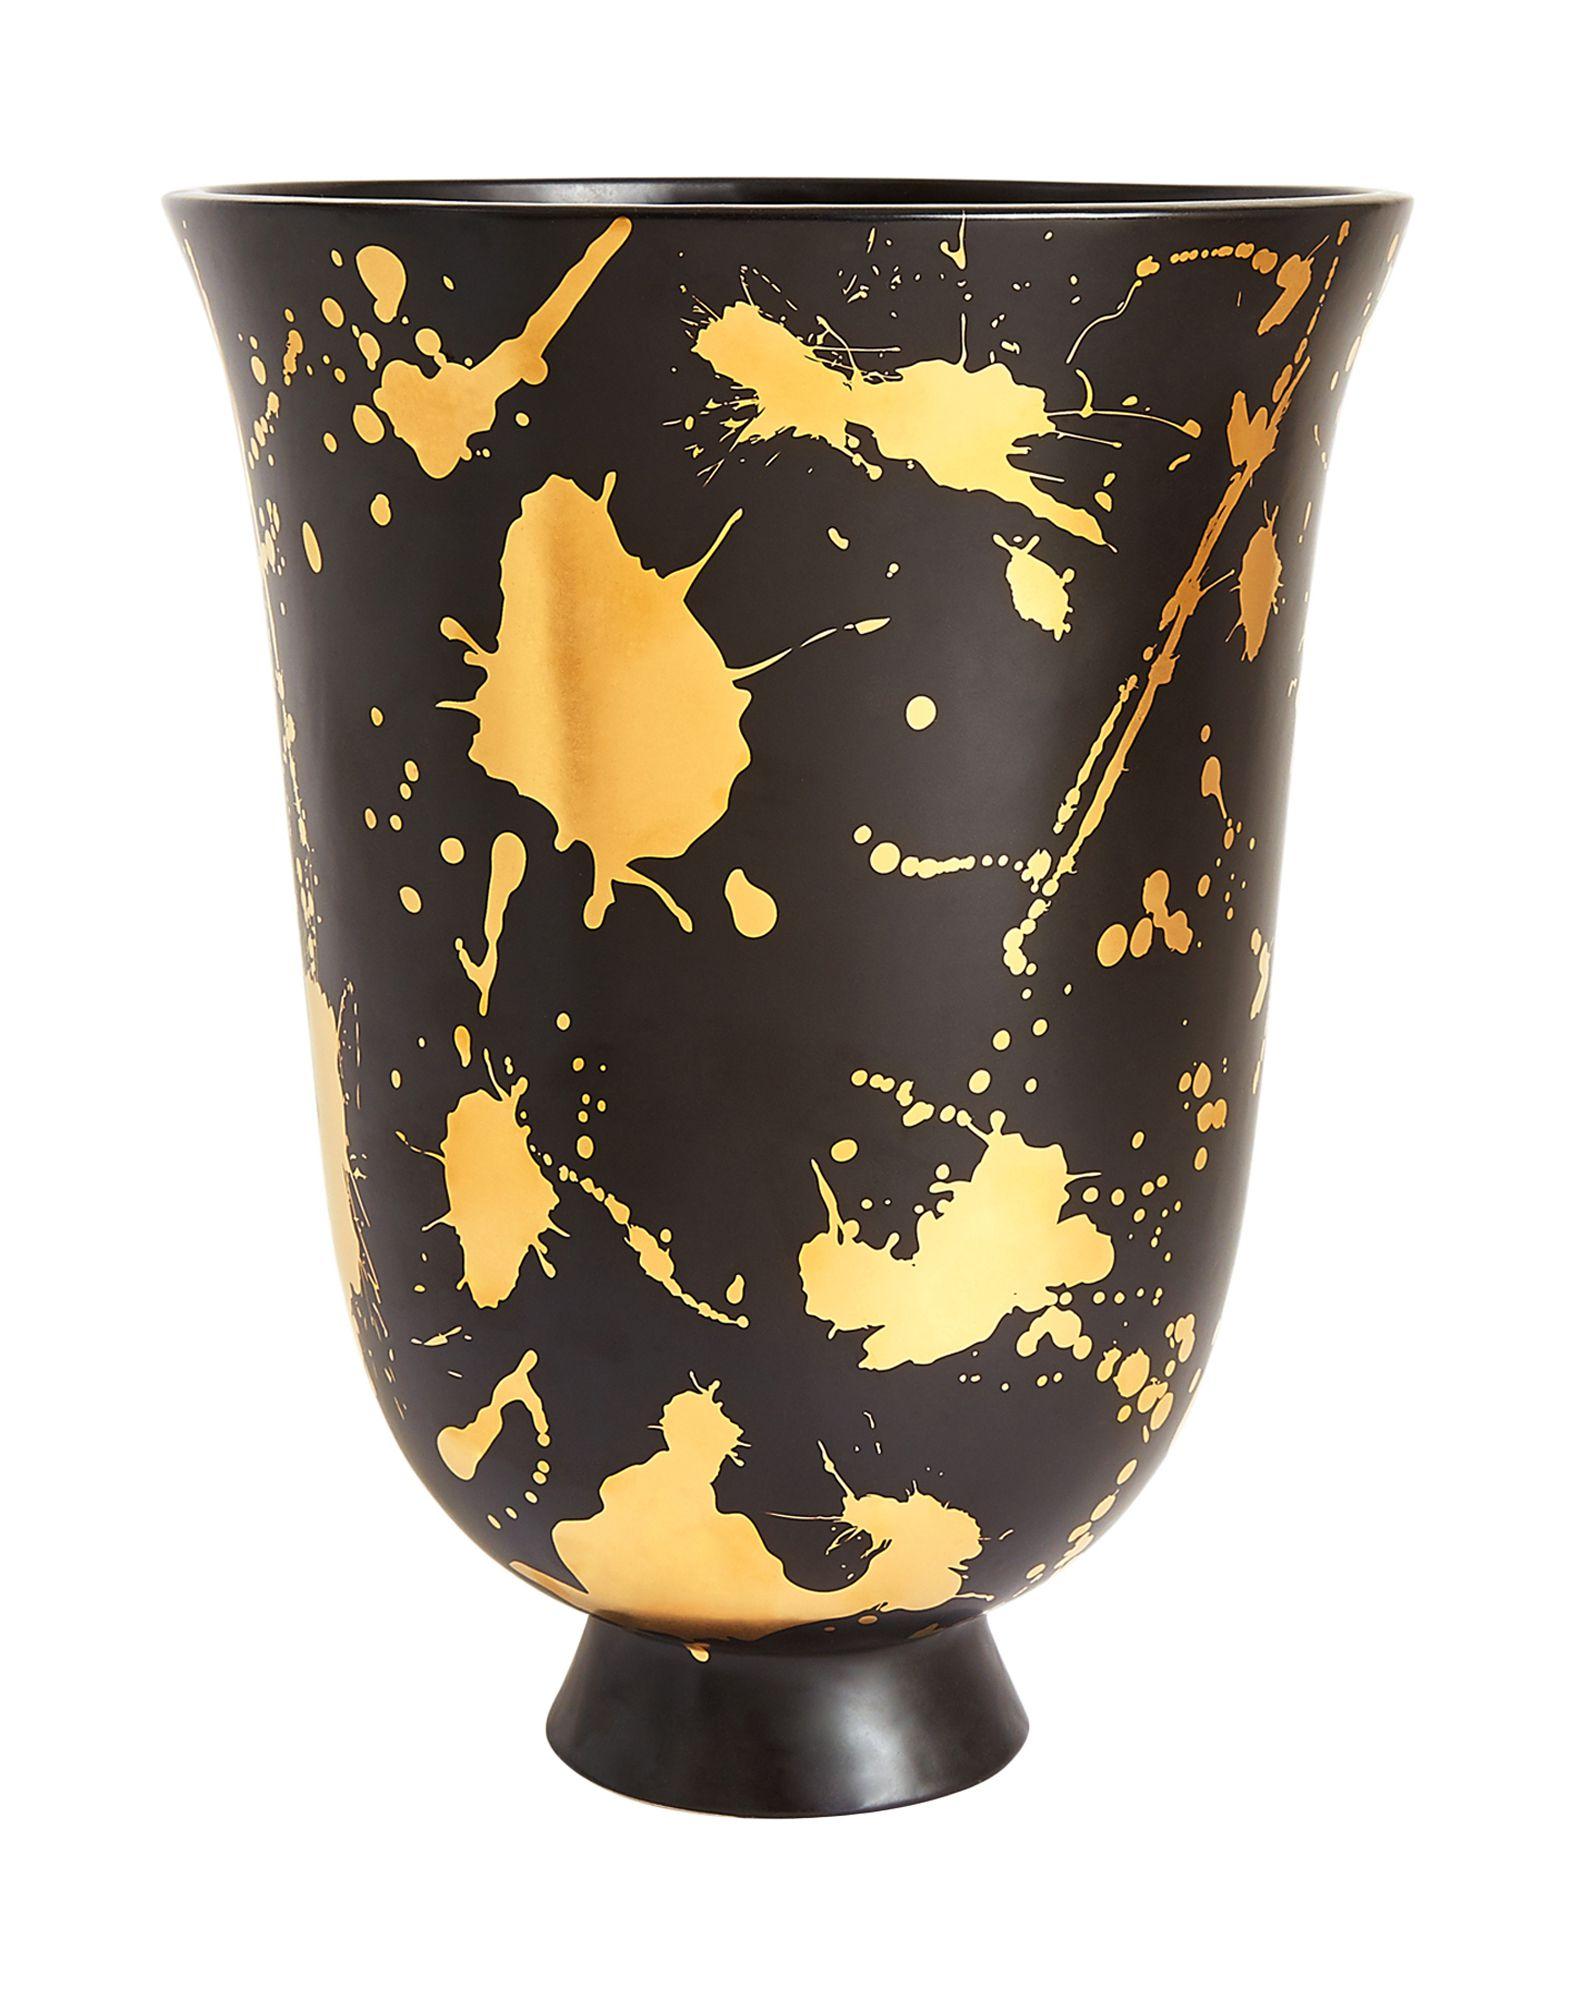 schwarze vase preisvergleich die besten angebote online kaufen. Black Bedroom Furniture Sets. Home Design Ideas